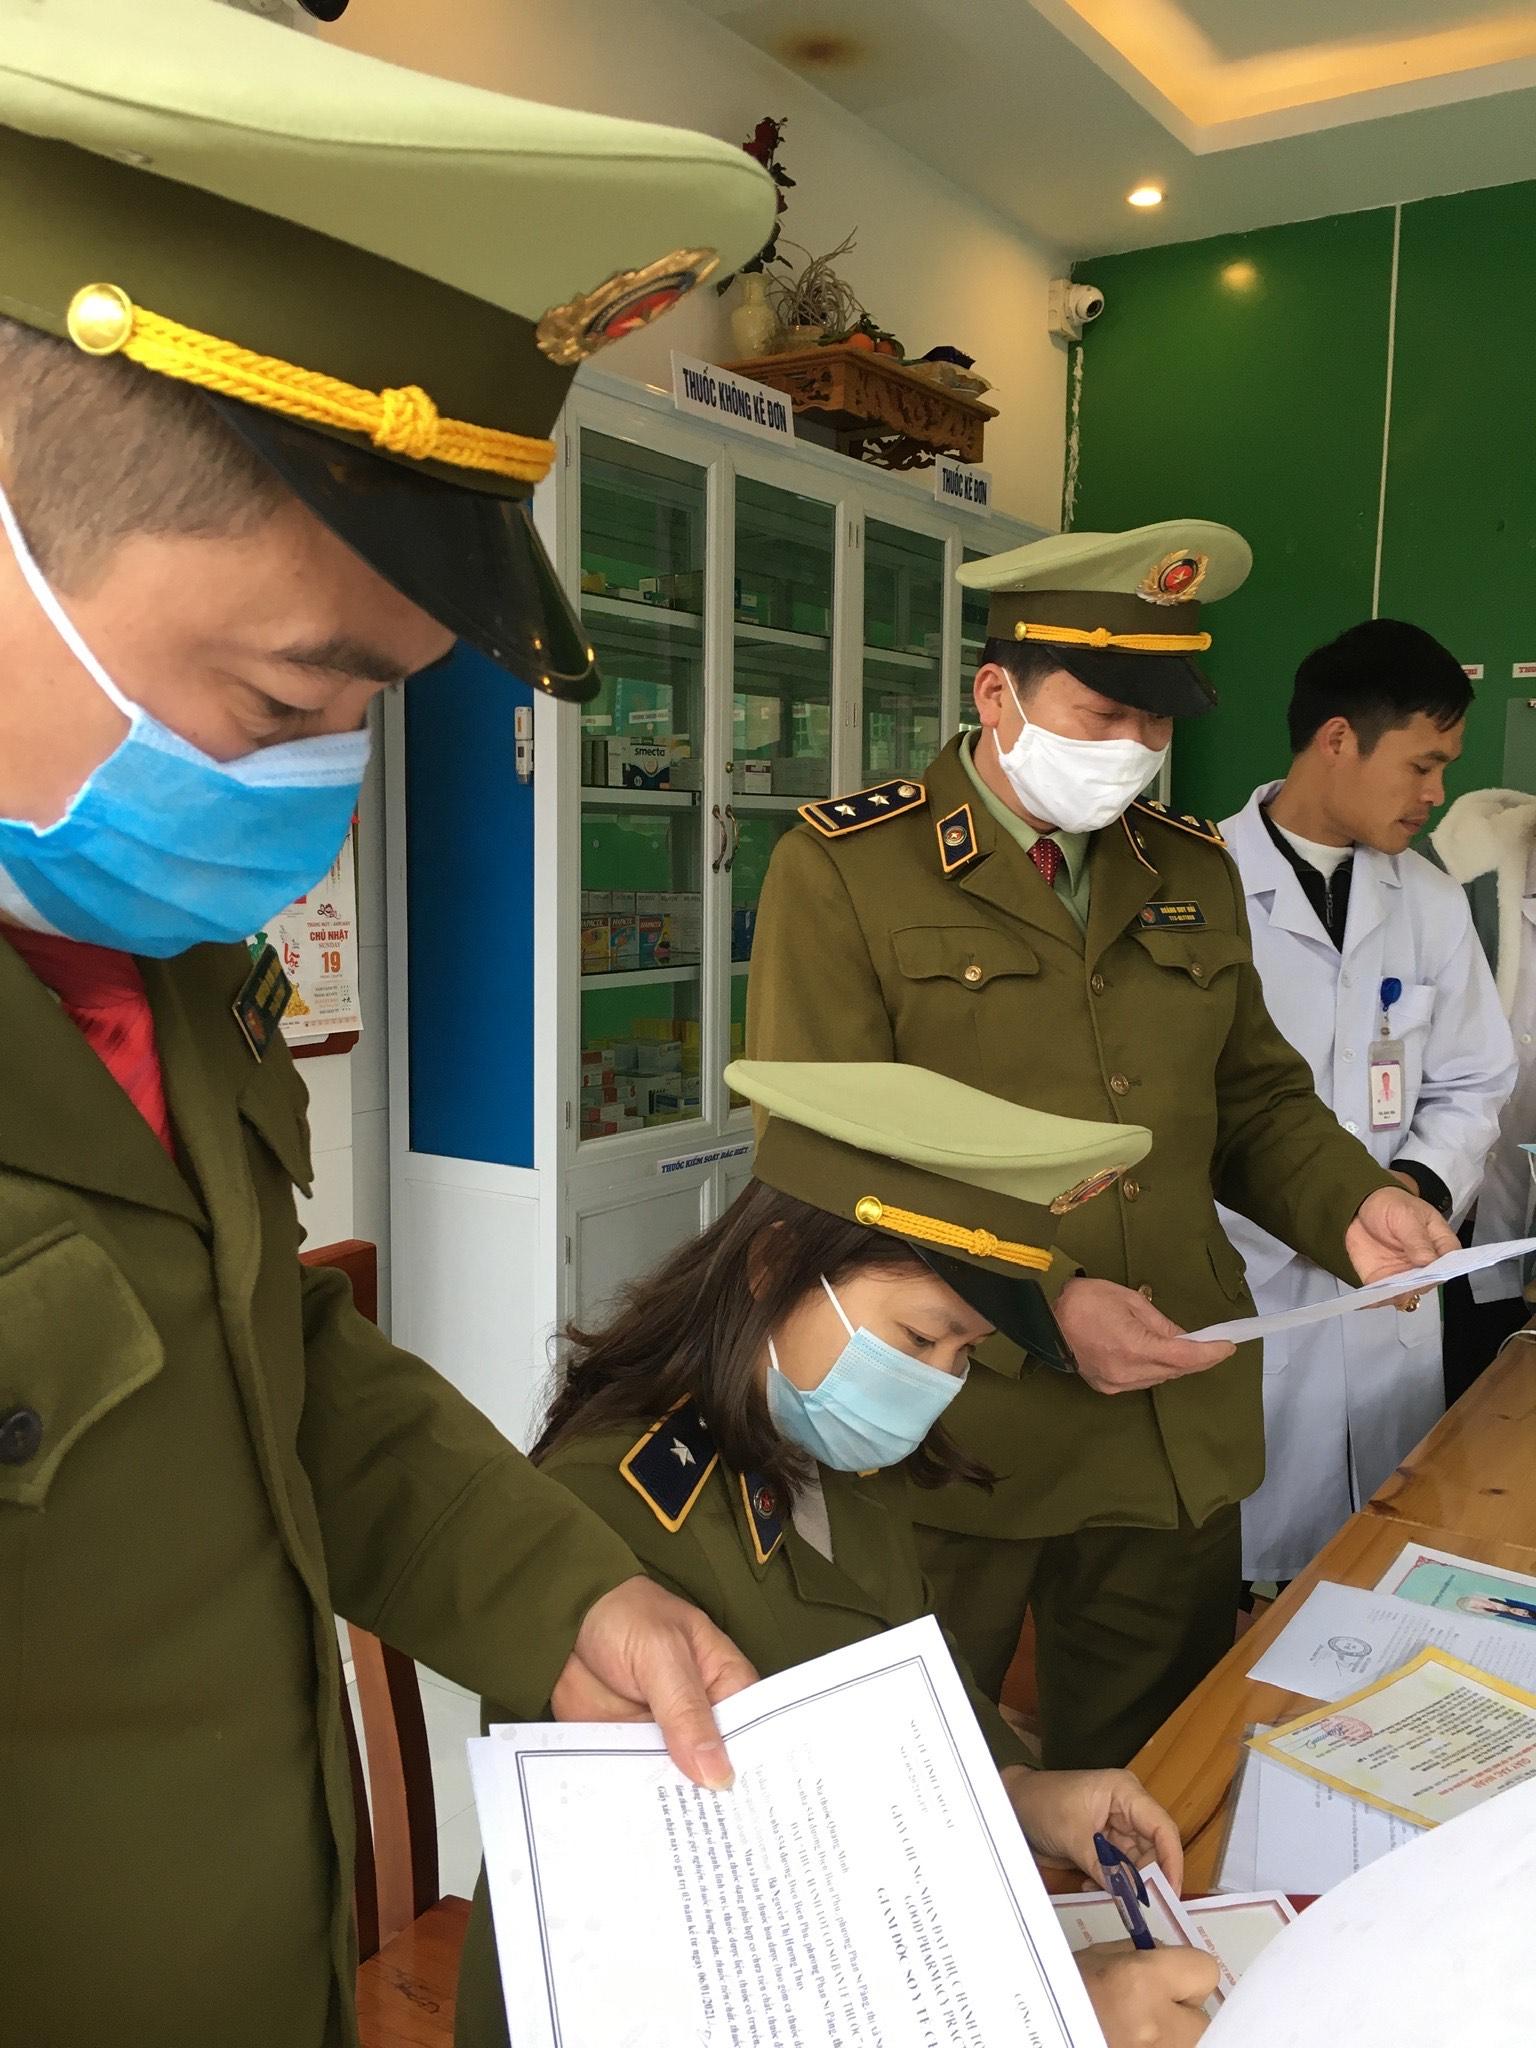 Đội QLTT số 2, Cục QLTT tỉnh Lào Cai tăng cường các biện pháp phòng chống dịch bệnh COVID-19